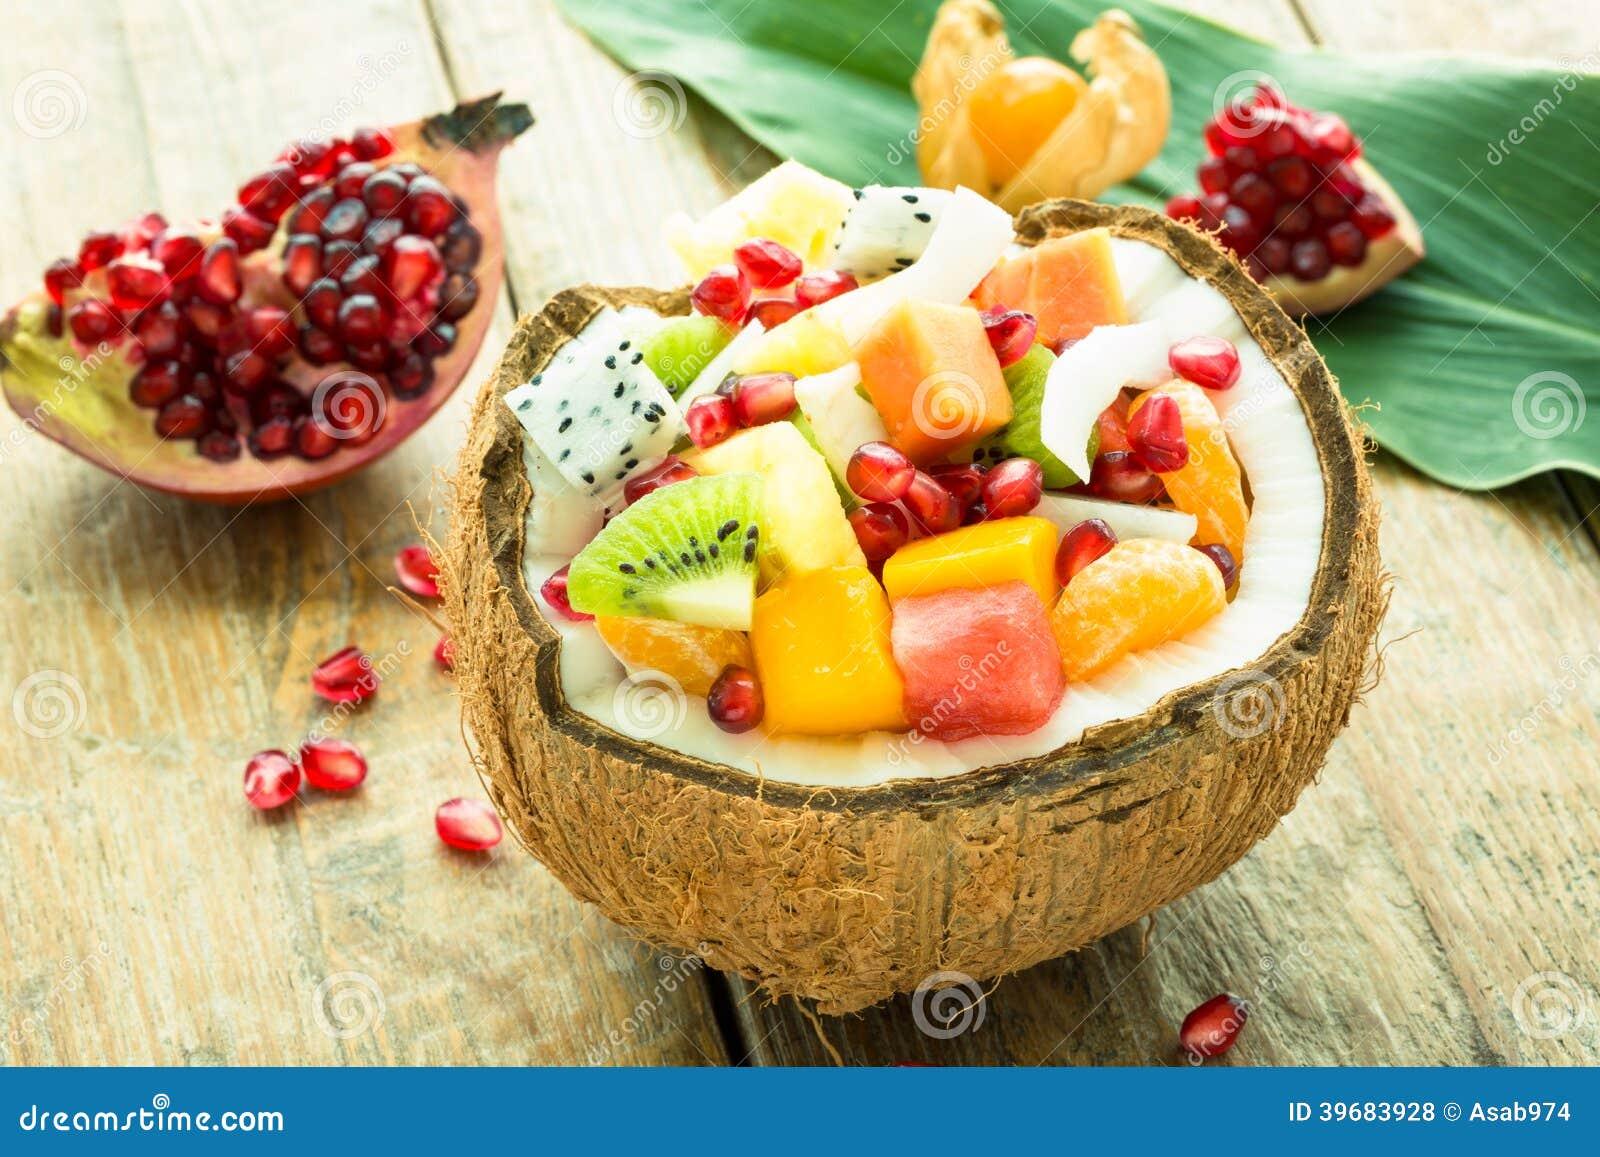 Exotic fresh fruit salad